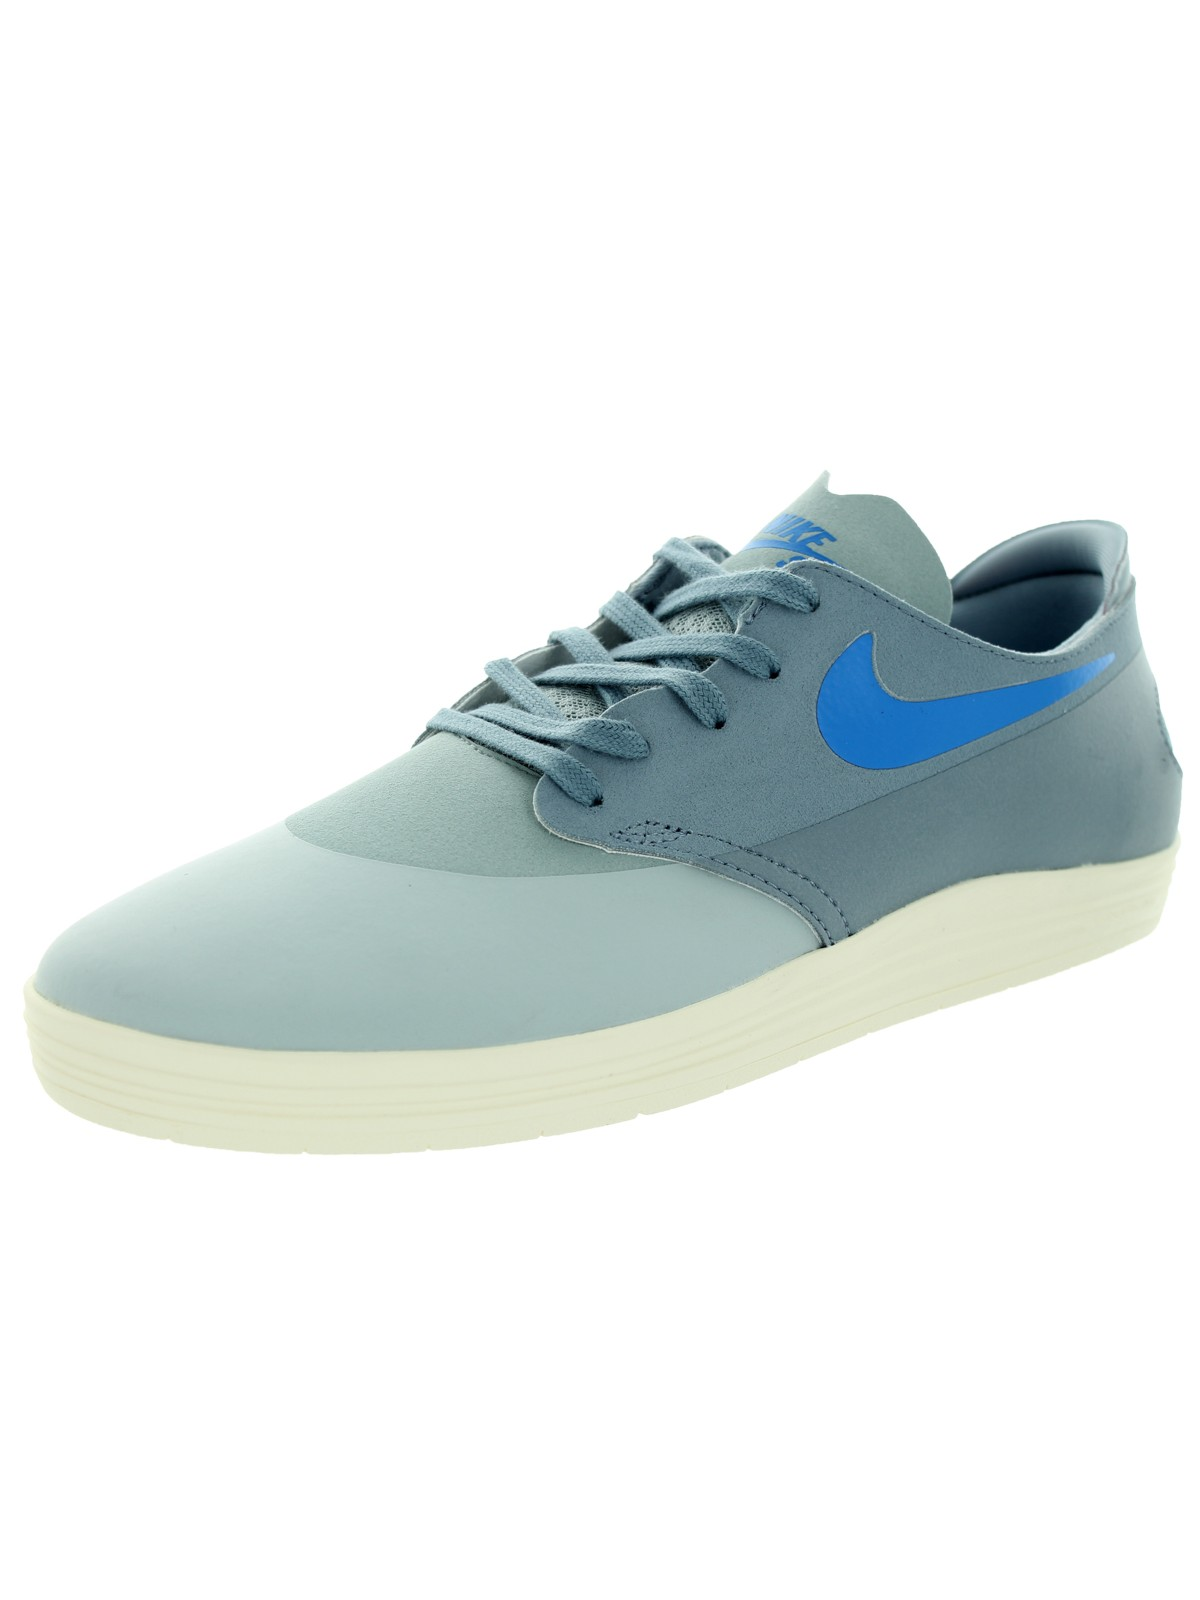 dickies lunar skate shoes